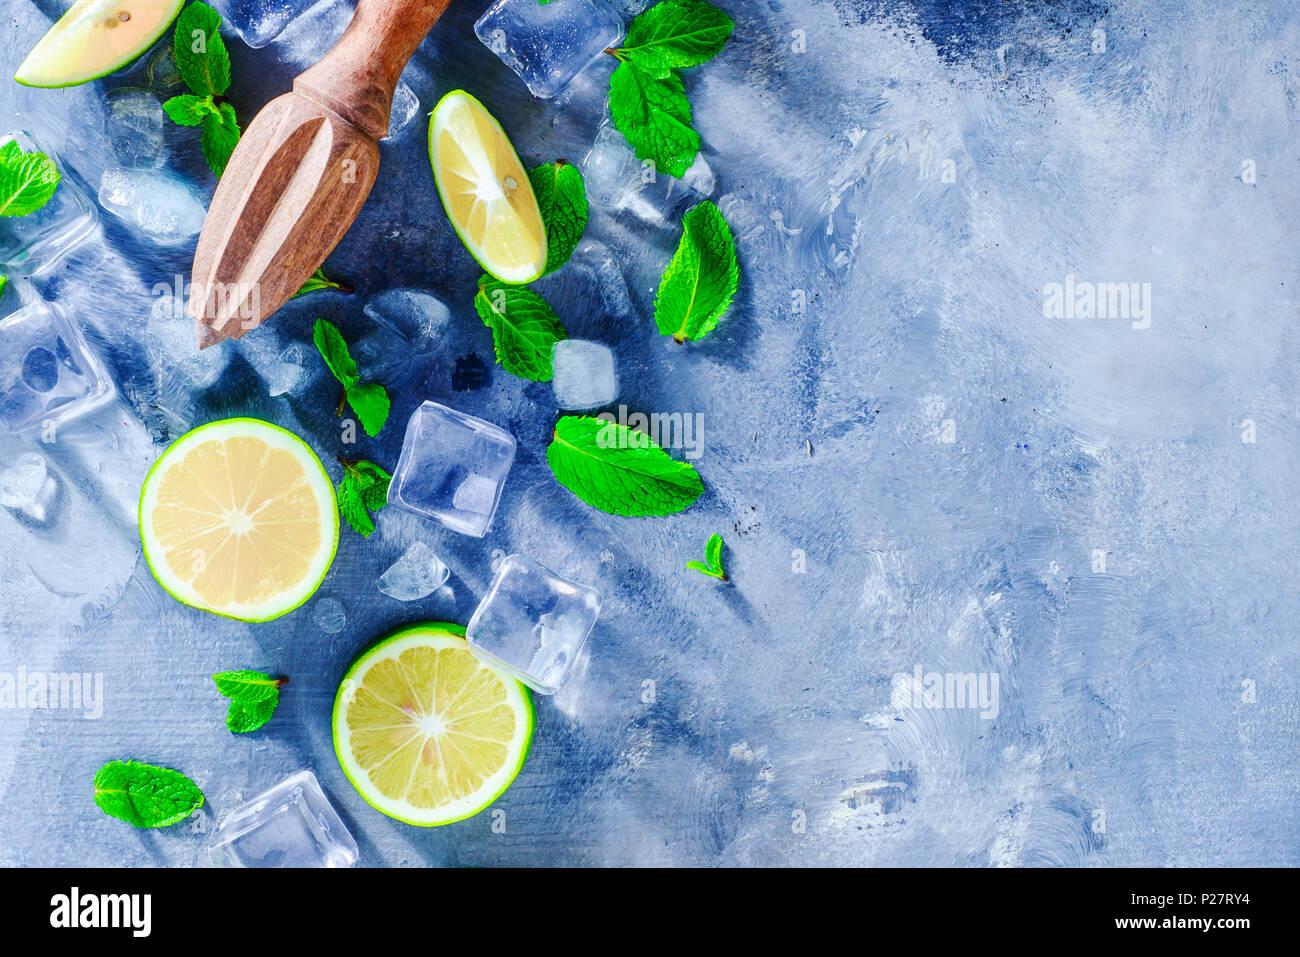 Boisson d'été en-tête avec mojito cocktail Ingrédients, menthe, citron vert et des glaçons. Alésoir de citron ou centrifugeuse sur un fond noir en gris avec copie espace. Photo Stock